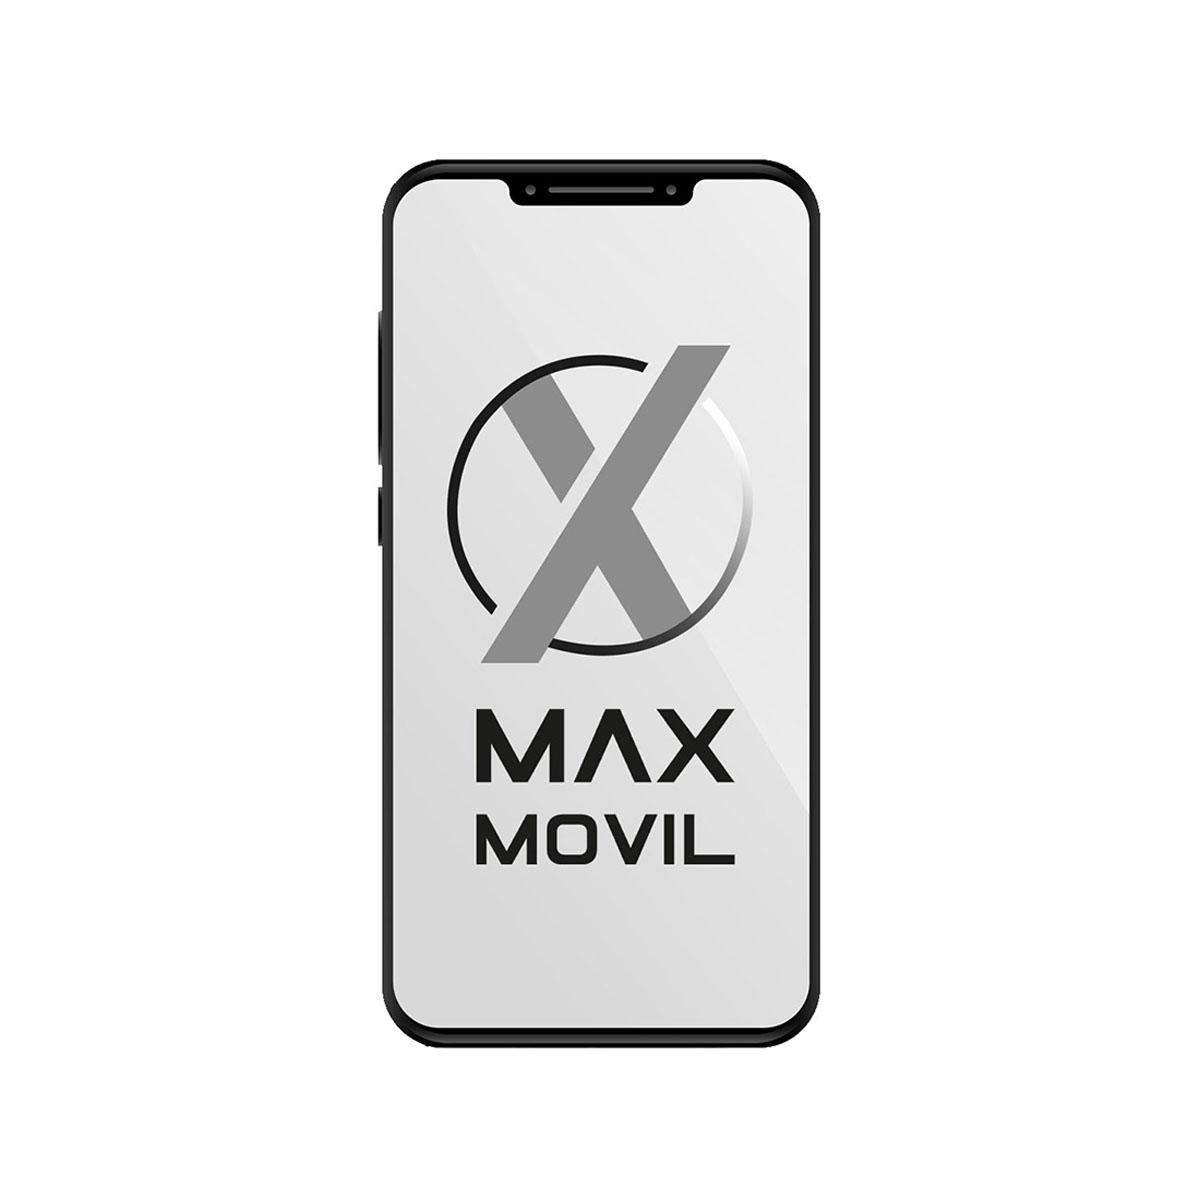 Huawei Y7 (2019) 3GB/32GB Negro Dual SIM DUB-LX1